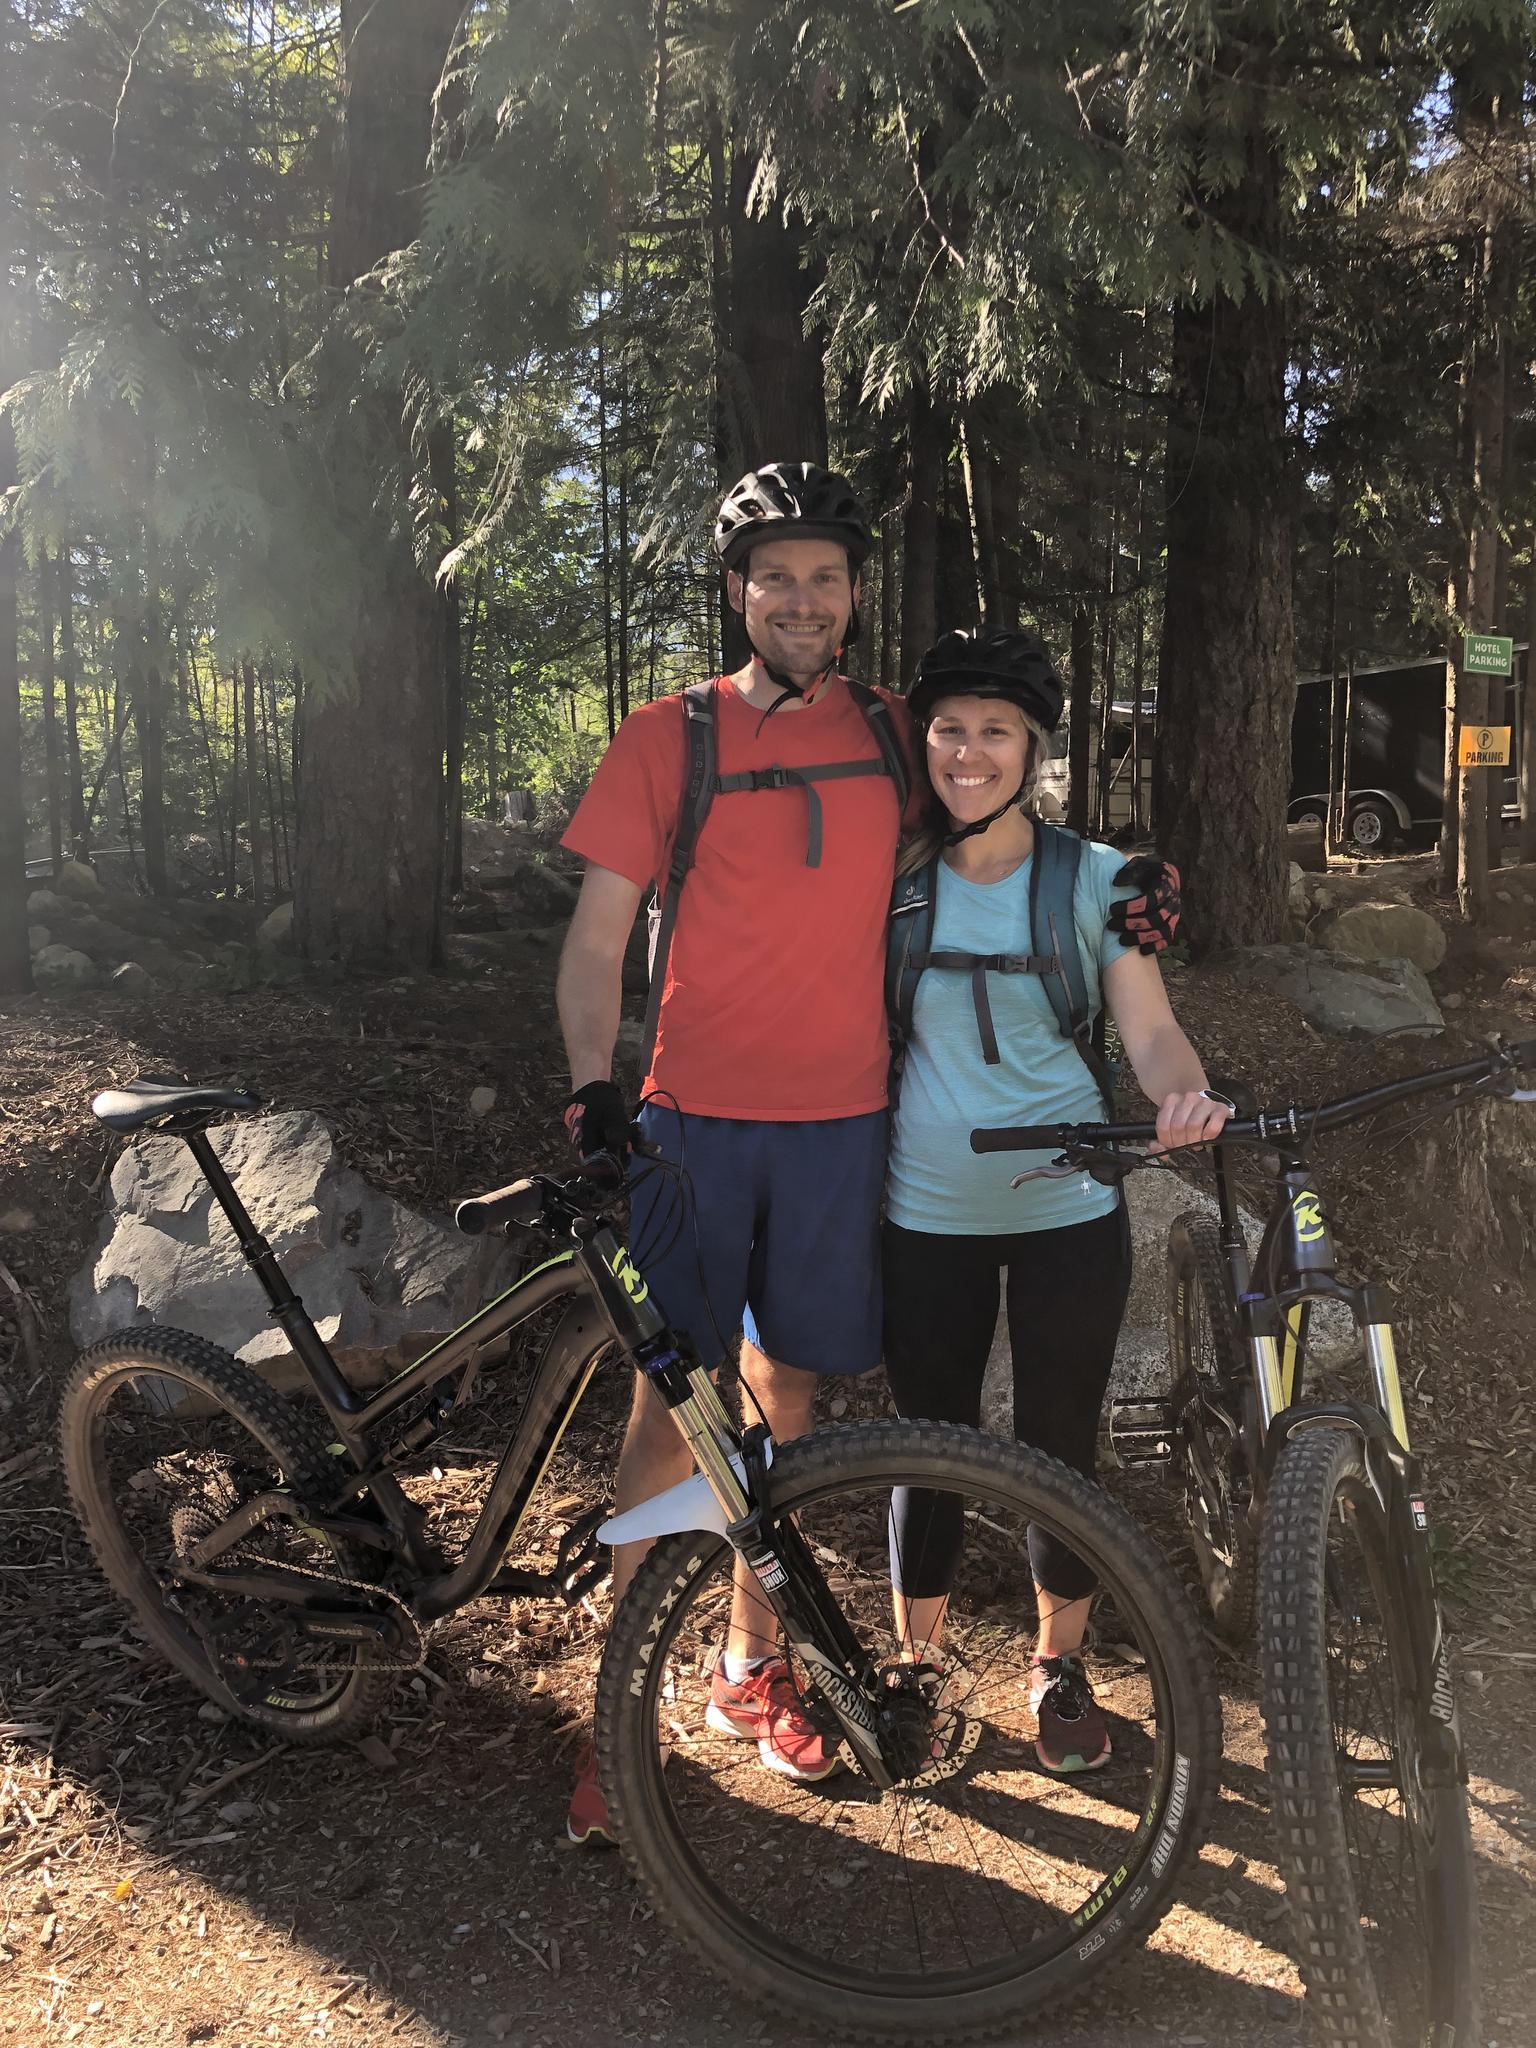 Mountain biking, Squamish, B.C, 2019